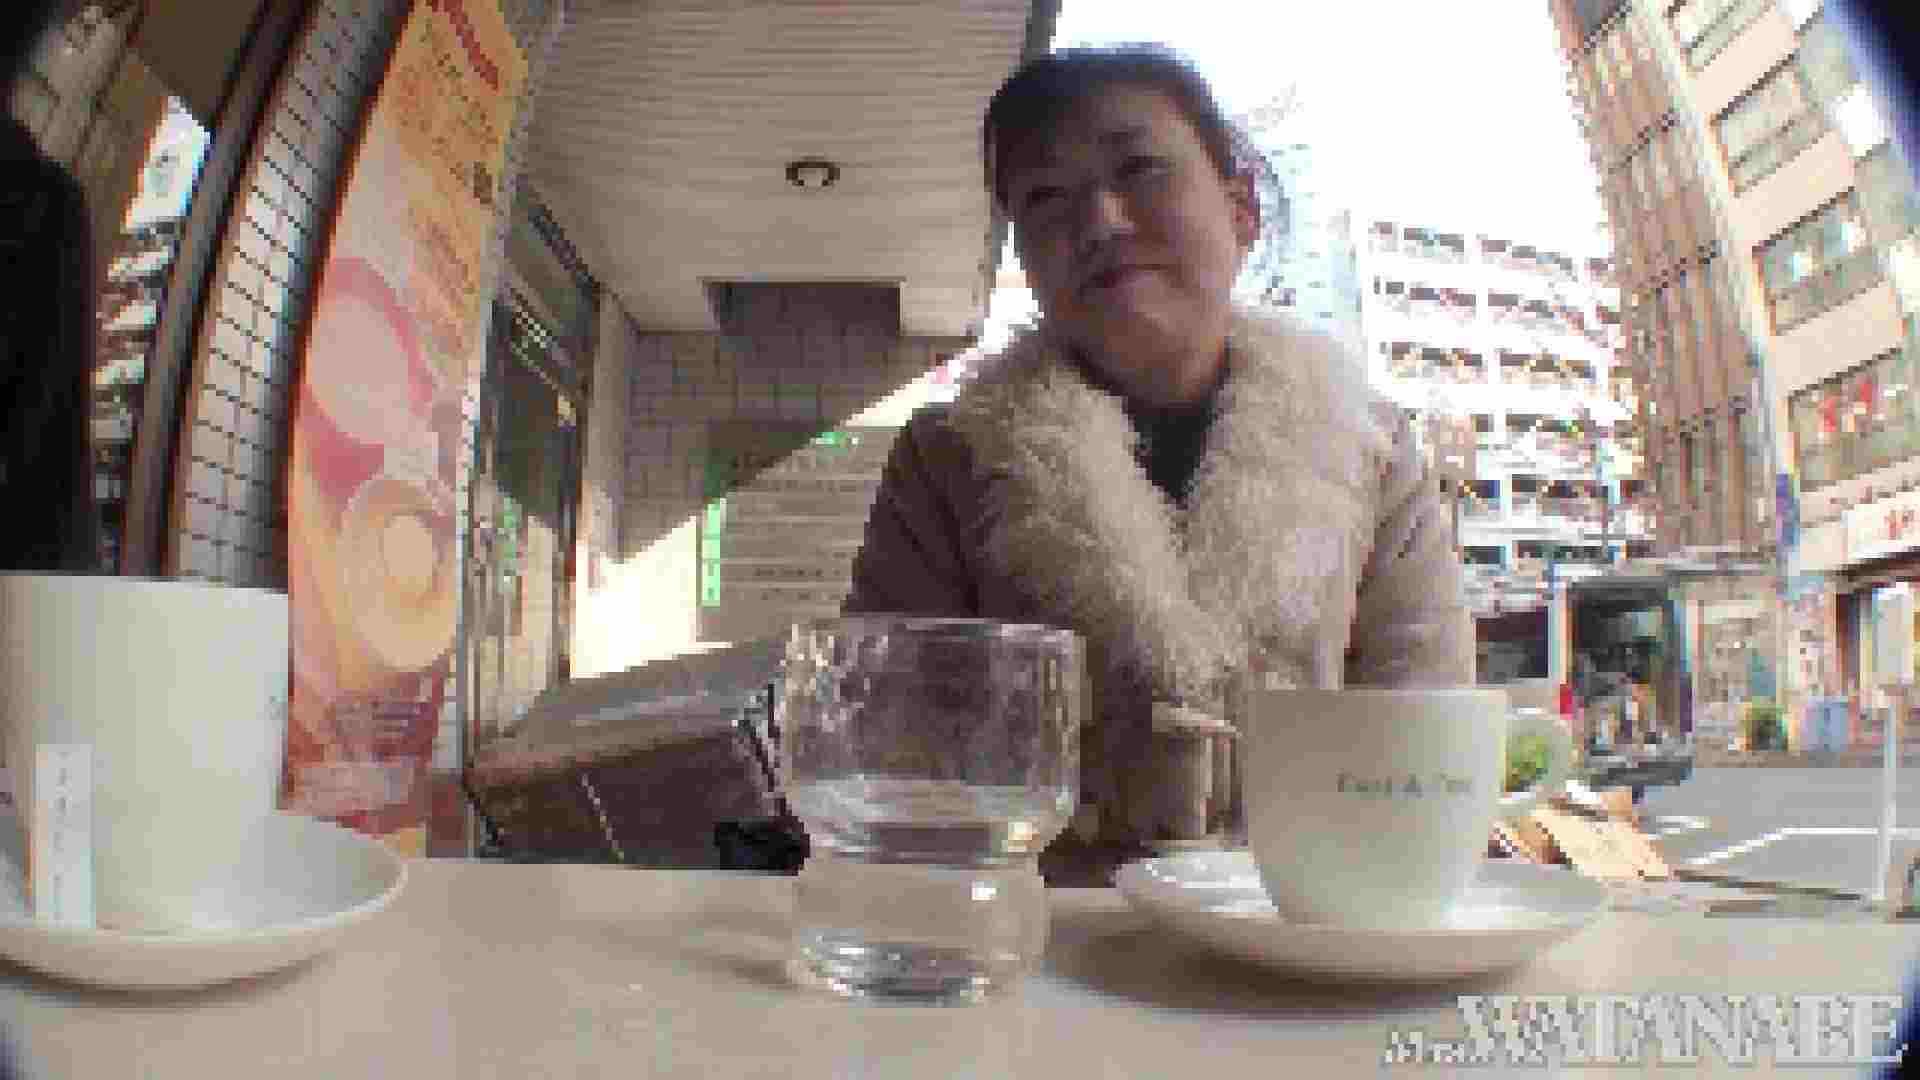 撮影スタッフを誘惑する痴熟女 かおり40歳 Vol.01 熟女  112連発 40